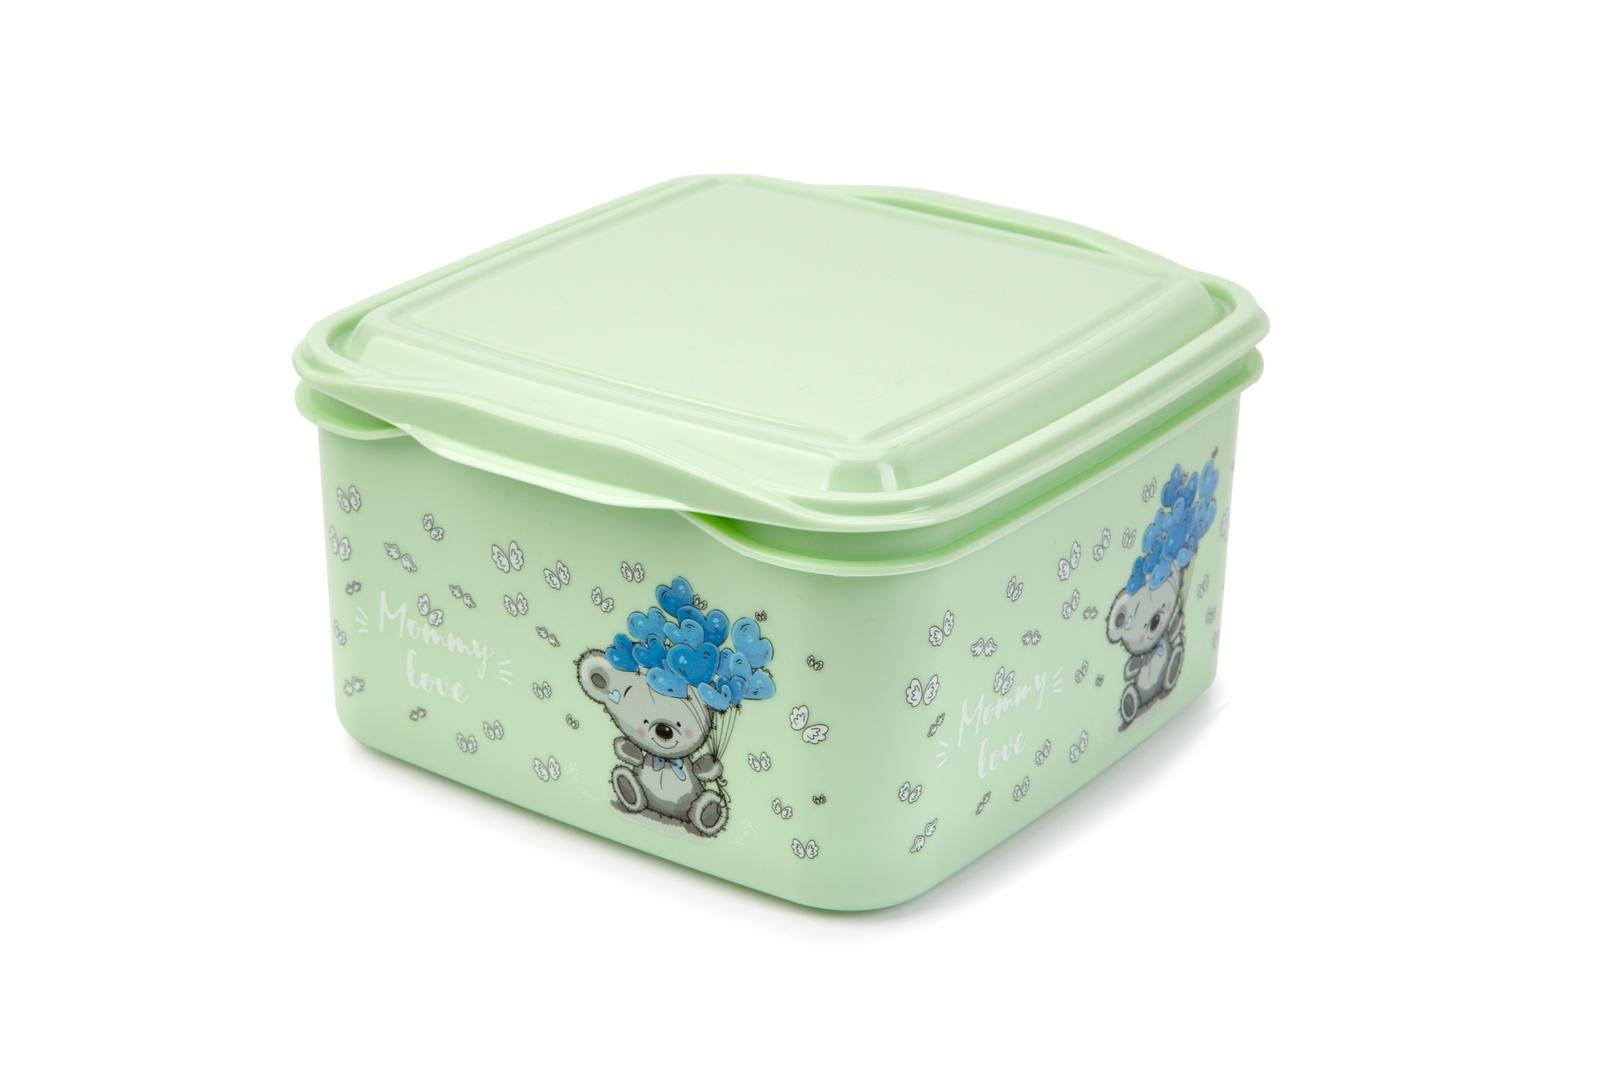 Контейнер пищевой Berossi Mommy Love, ИК 48862000, оливковый салатник berossi domino twist цвет снежно белый 0 7 л